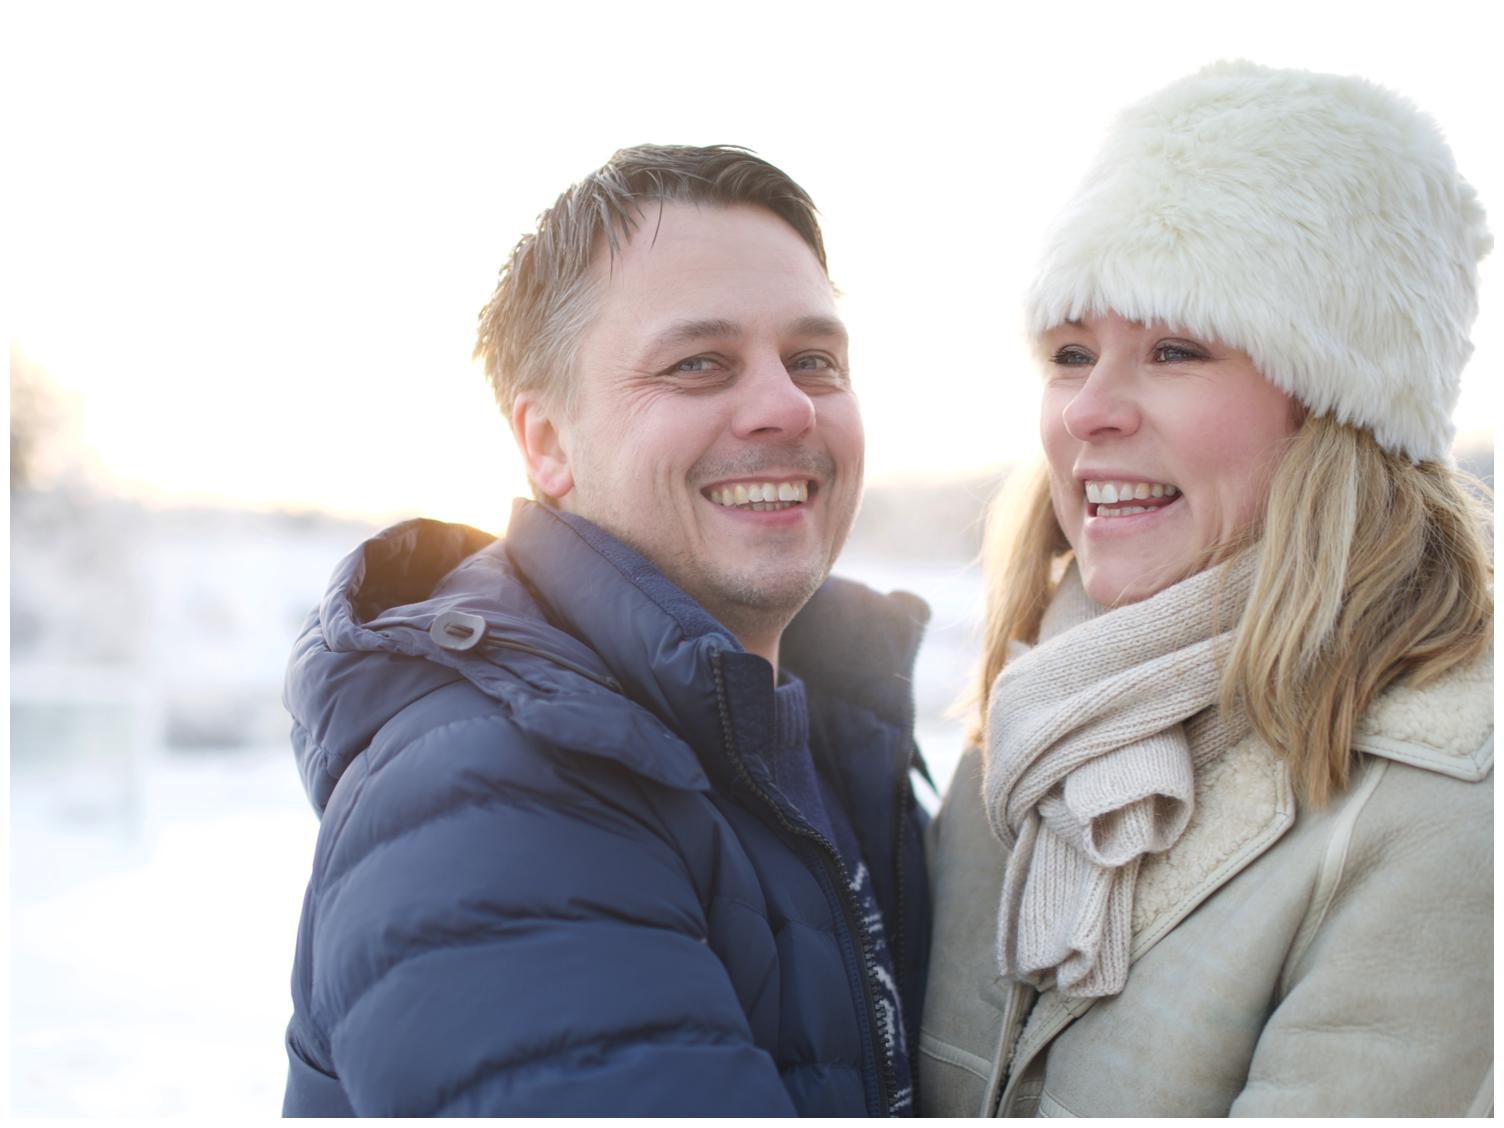 Familjefotografering i vackert vinterljus i Täby med fotograf Erika Aminoff